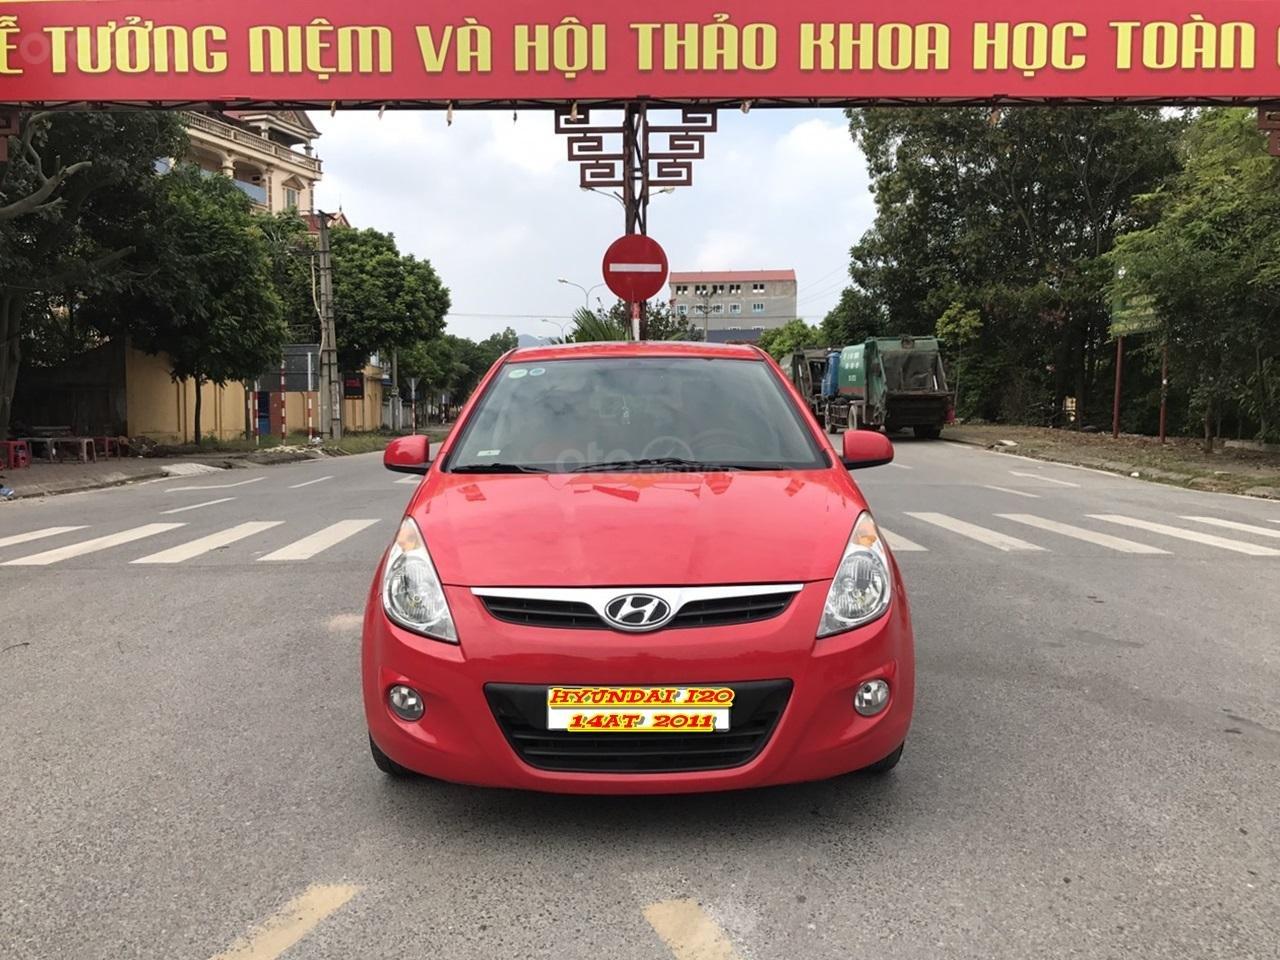 Bán Hyundai i20 1.4 AT đời 2011, màu đỏ, xe nhập, bản full, xe xuất sắc luôn (1)